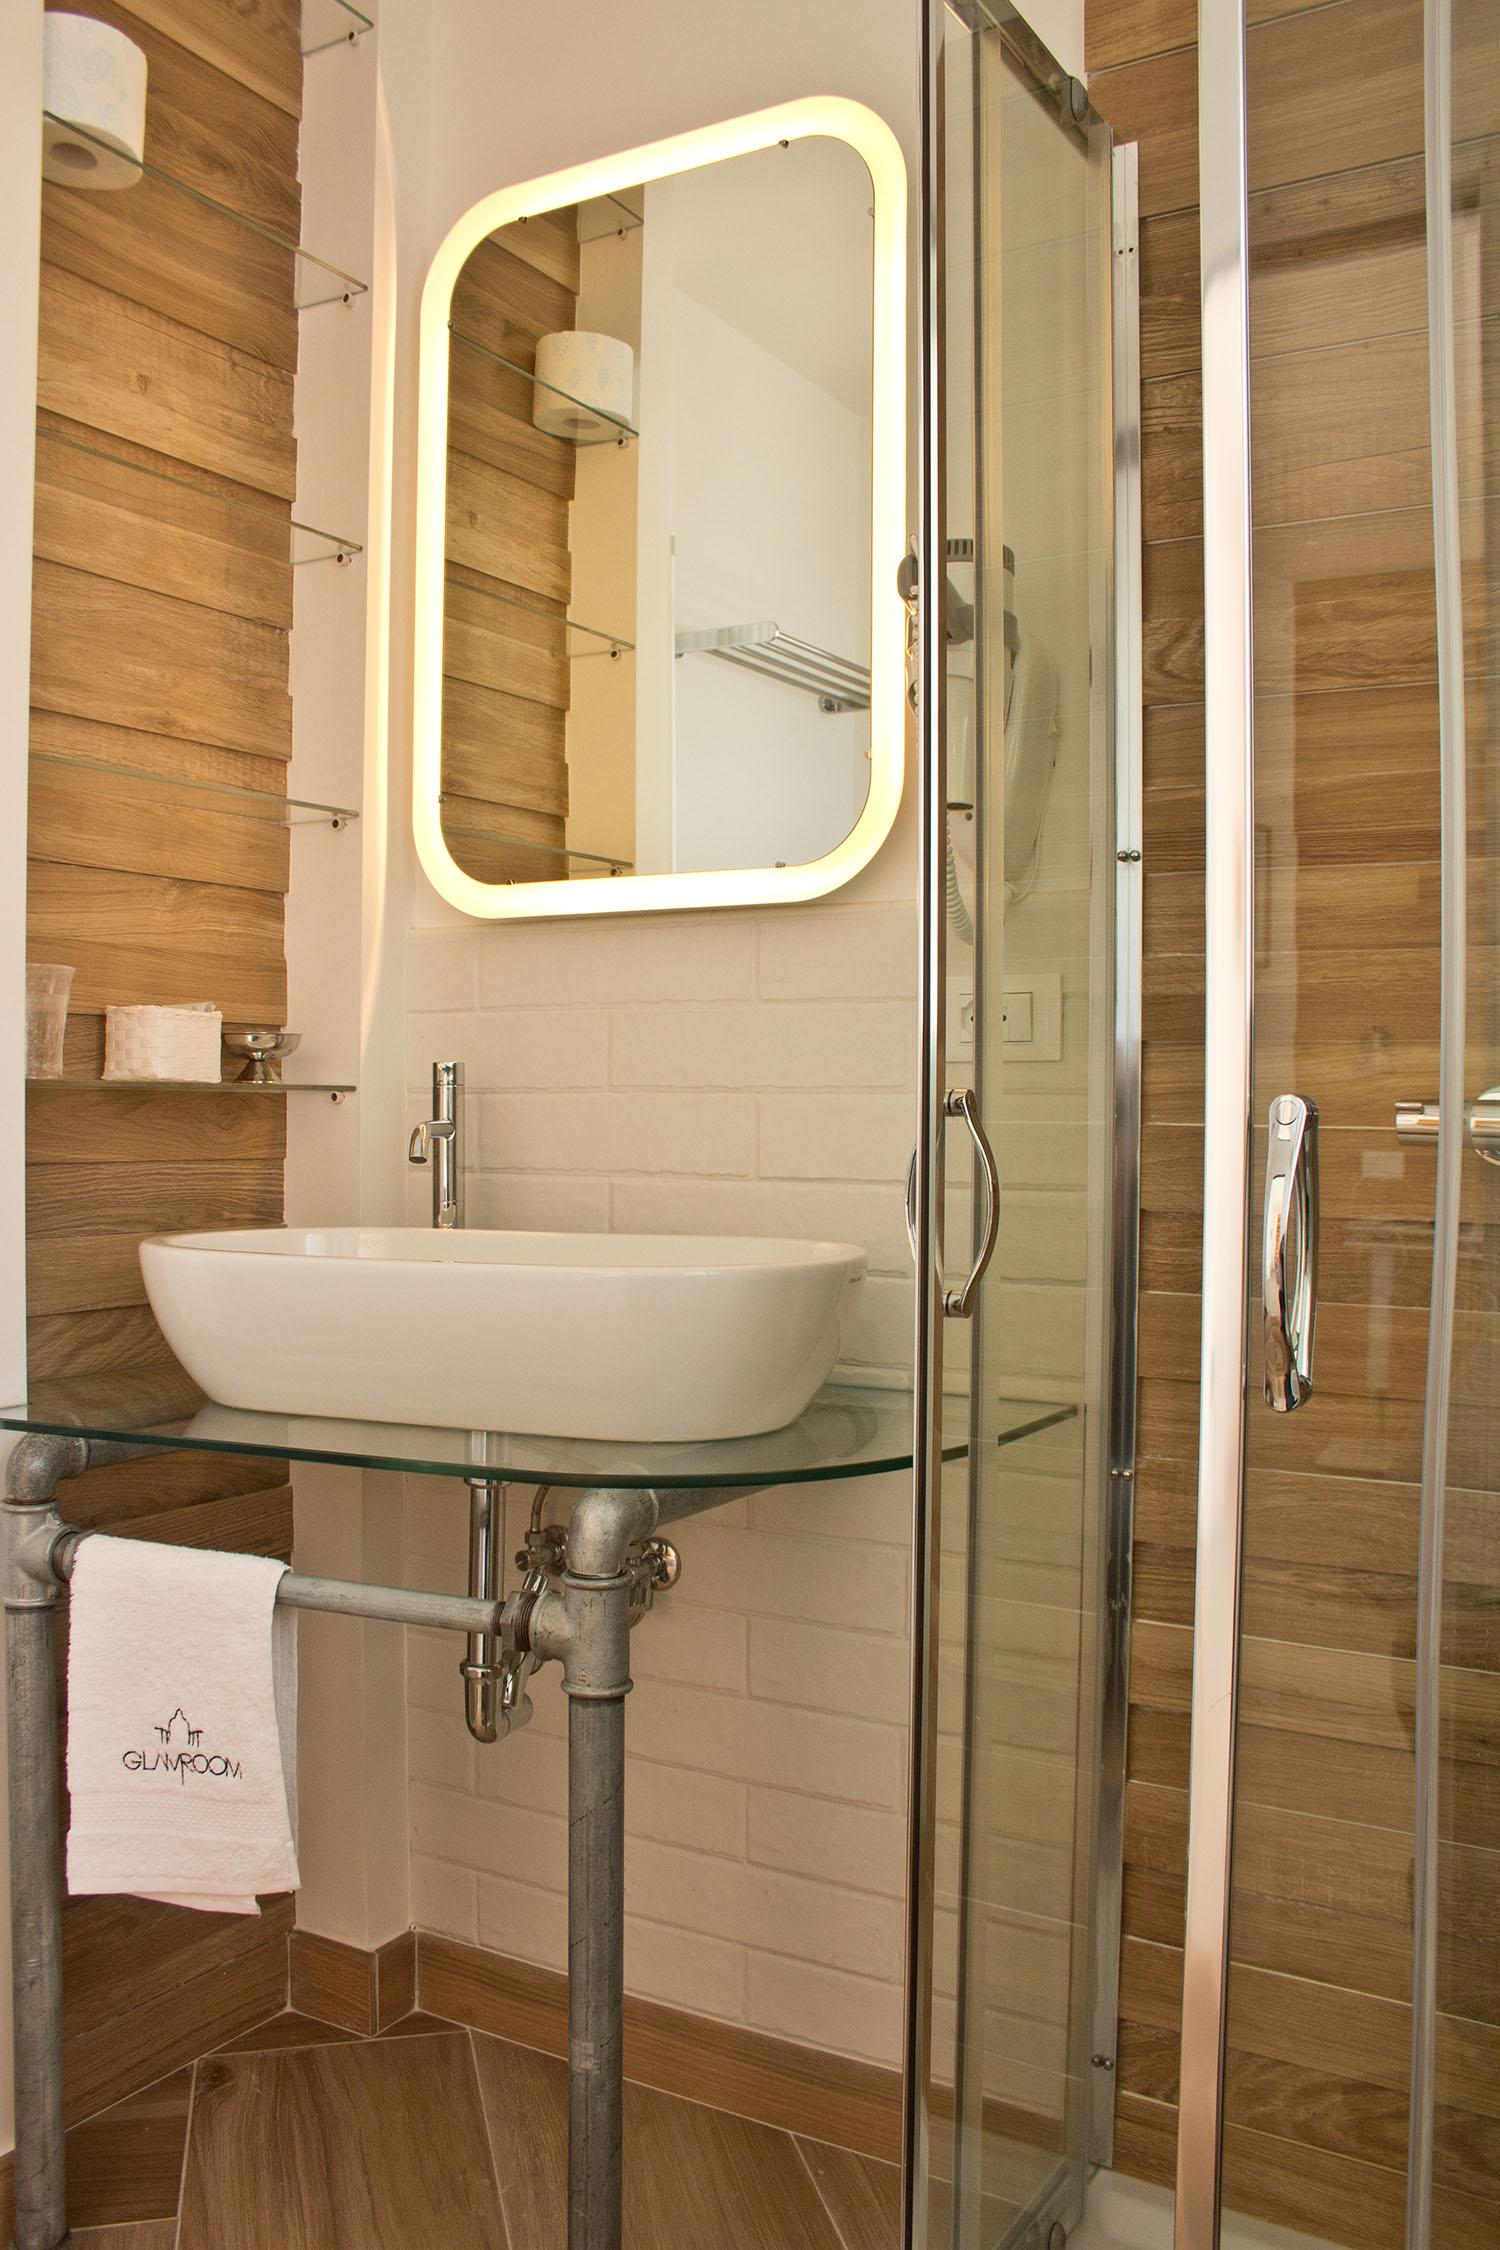 bagno roma su misura falegnameria (2)